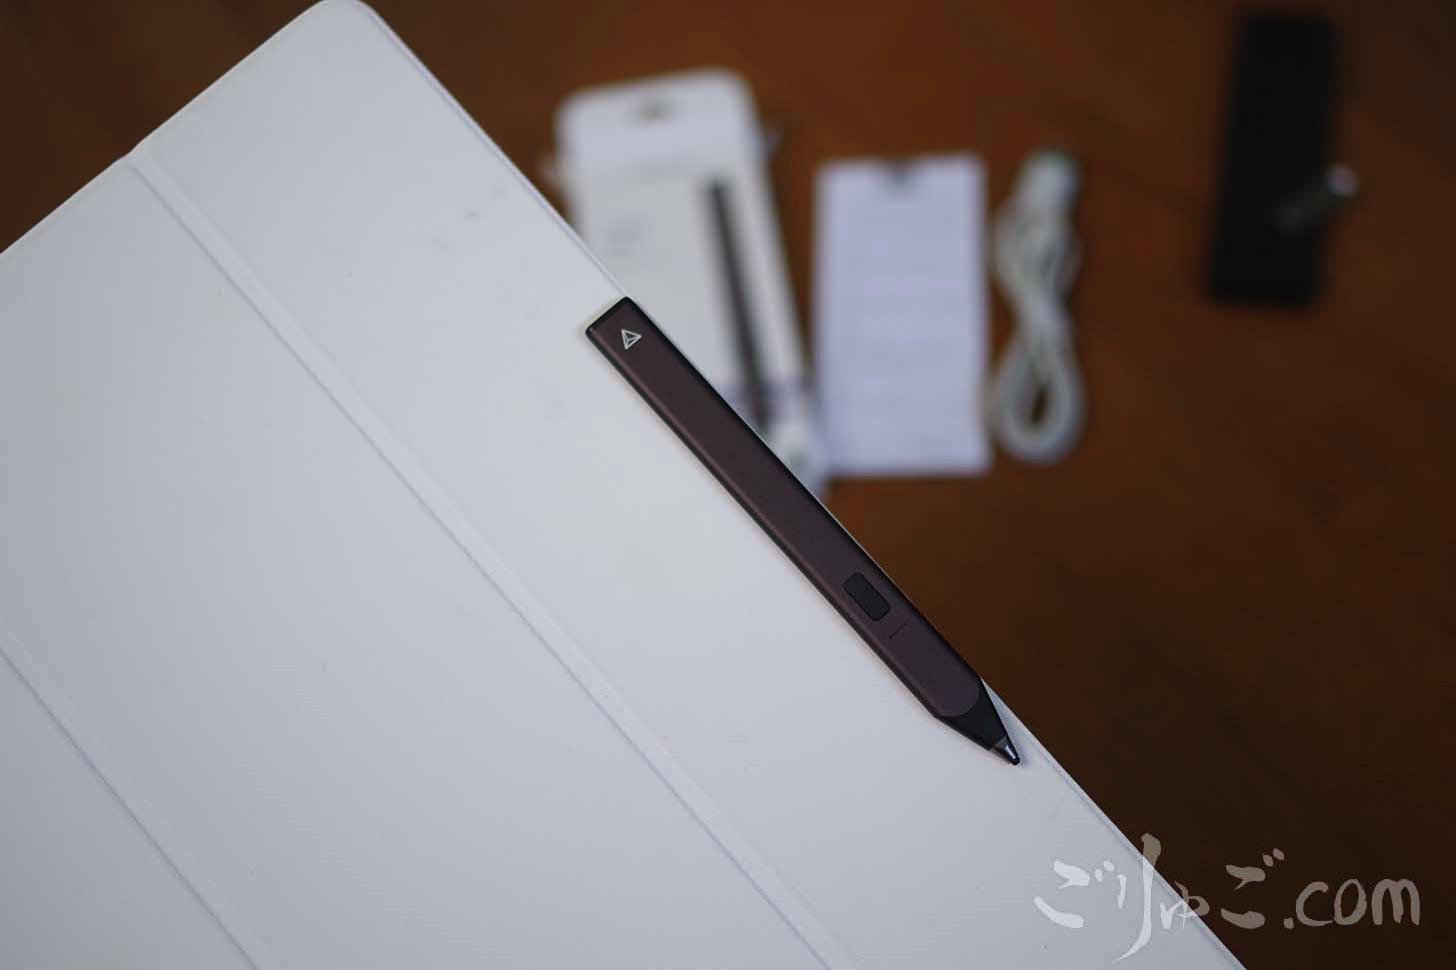 iPadにはぴったりくっつく